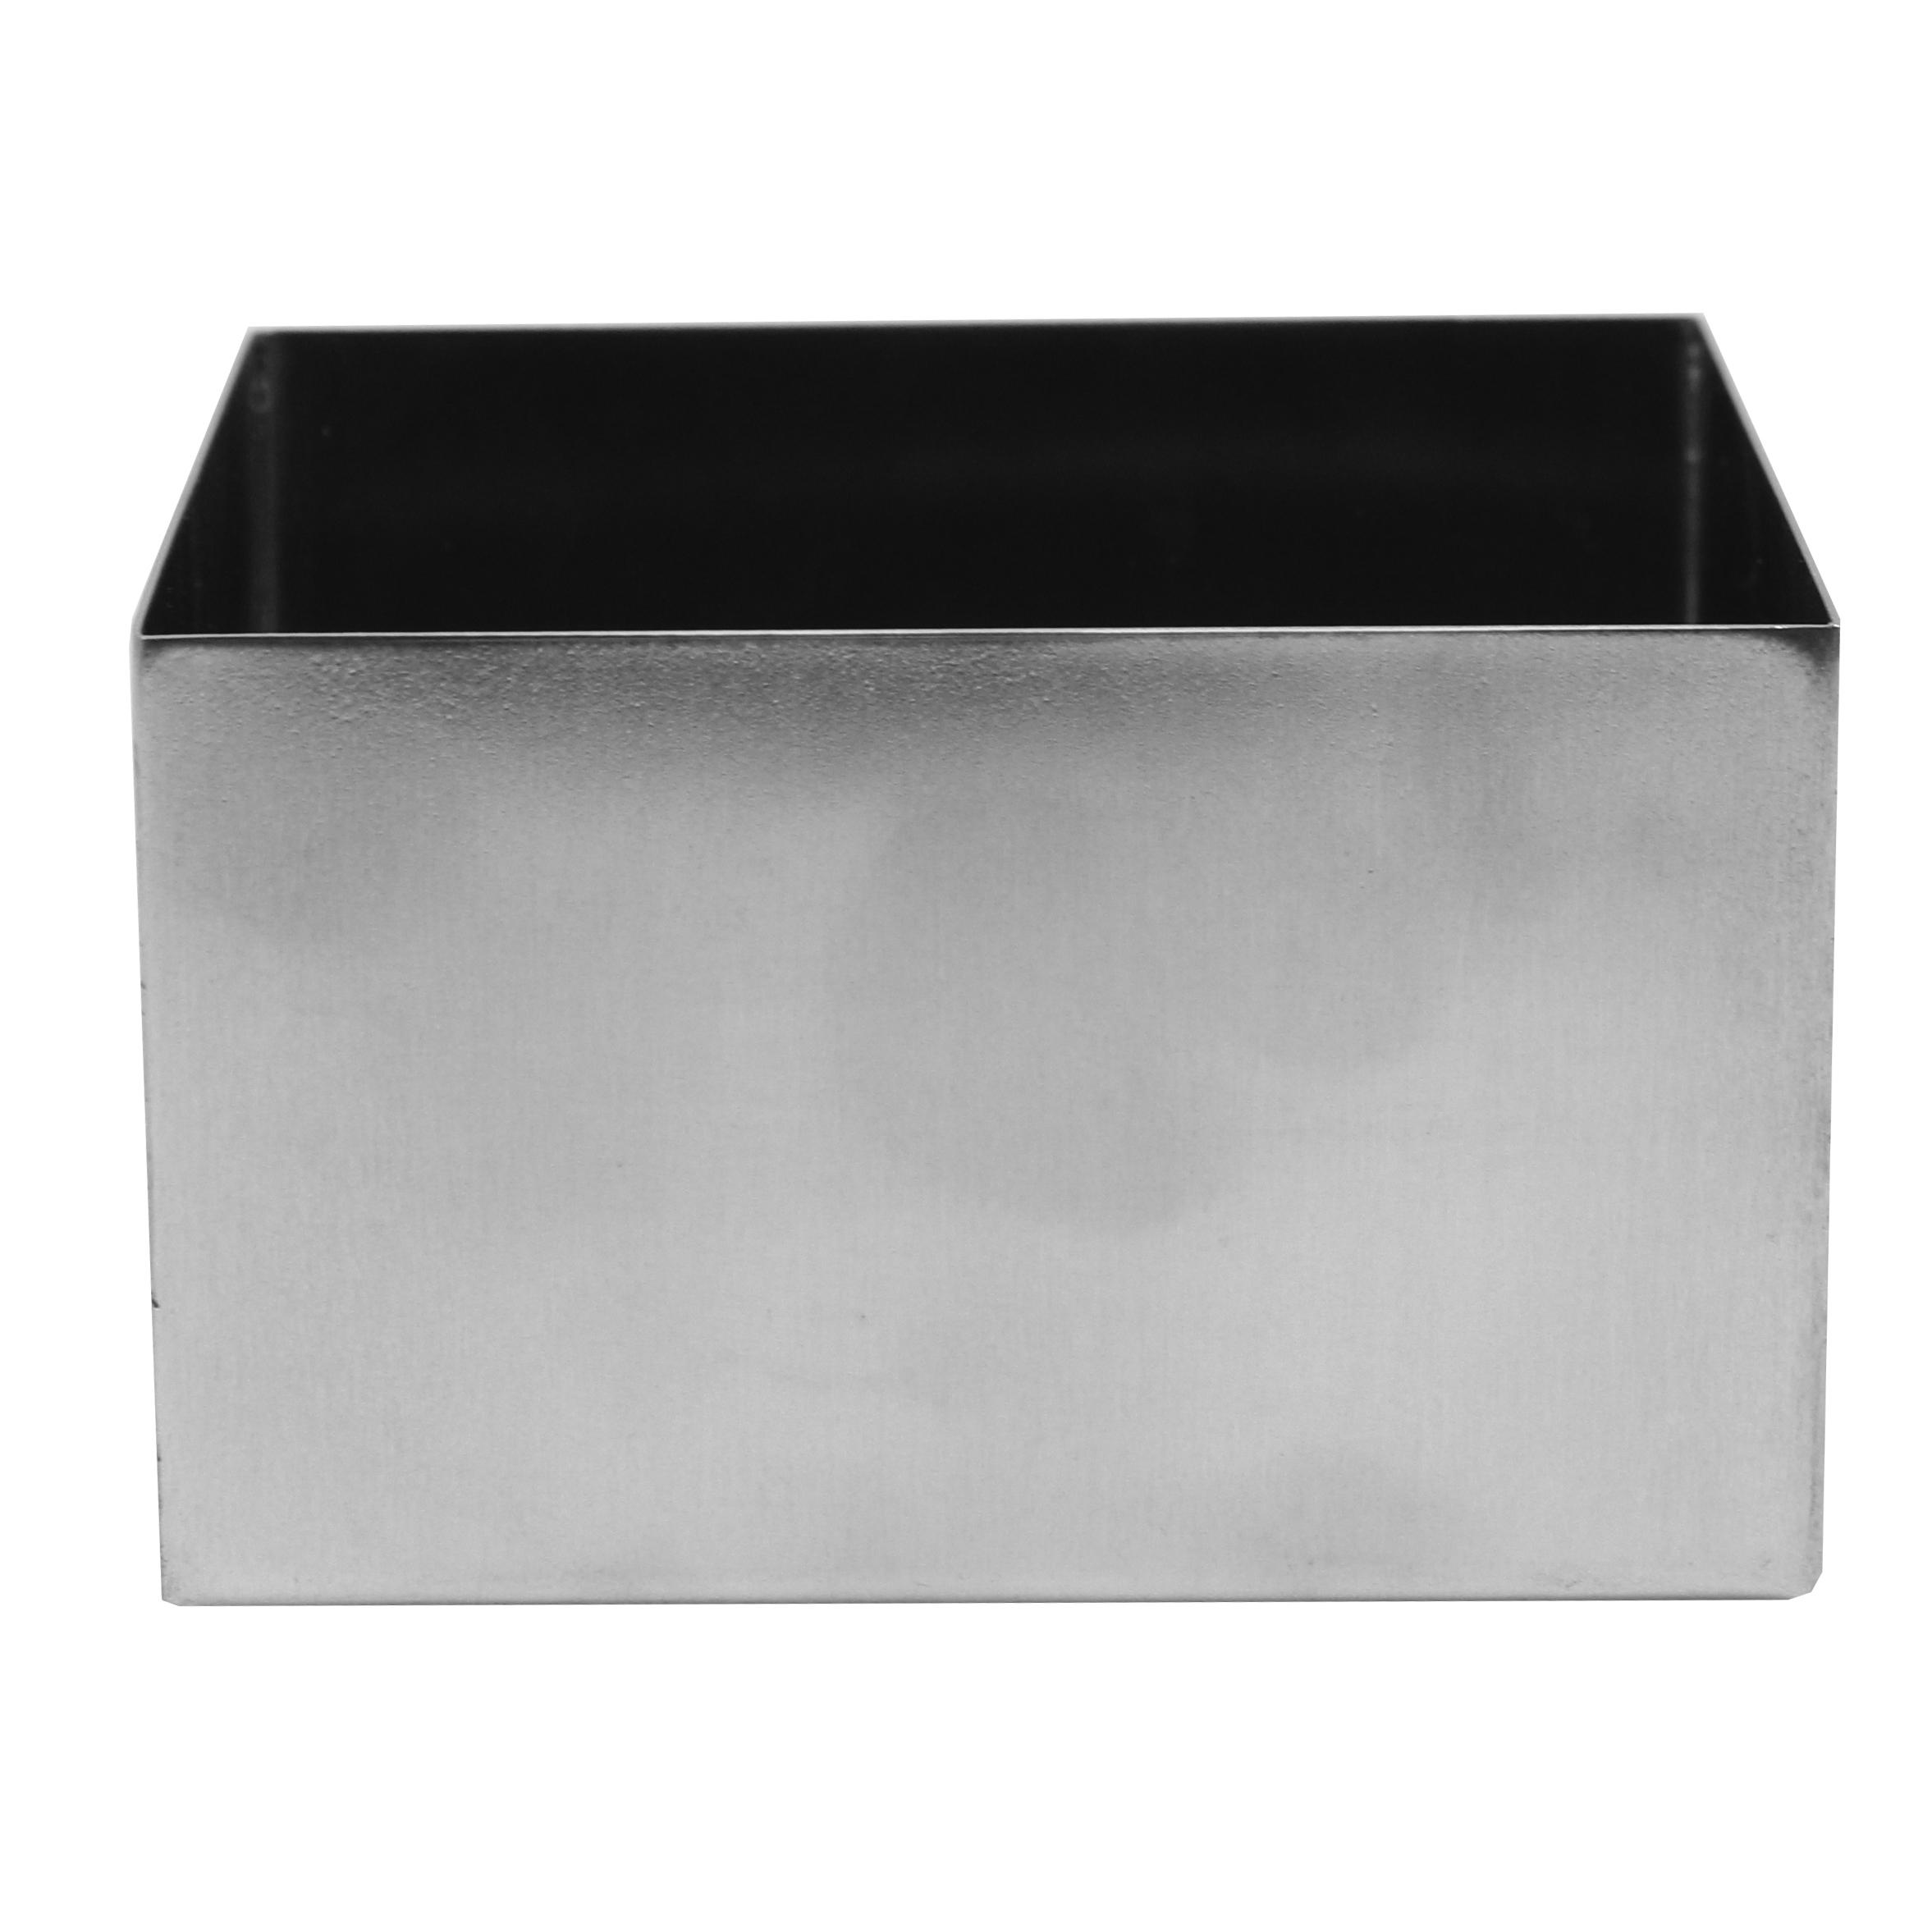 TableCraft Products SS4025 bowl, metal,  1 - 2 qt (32 - 95 oz)